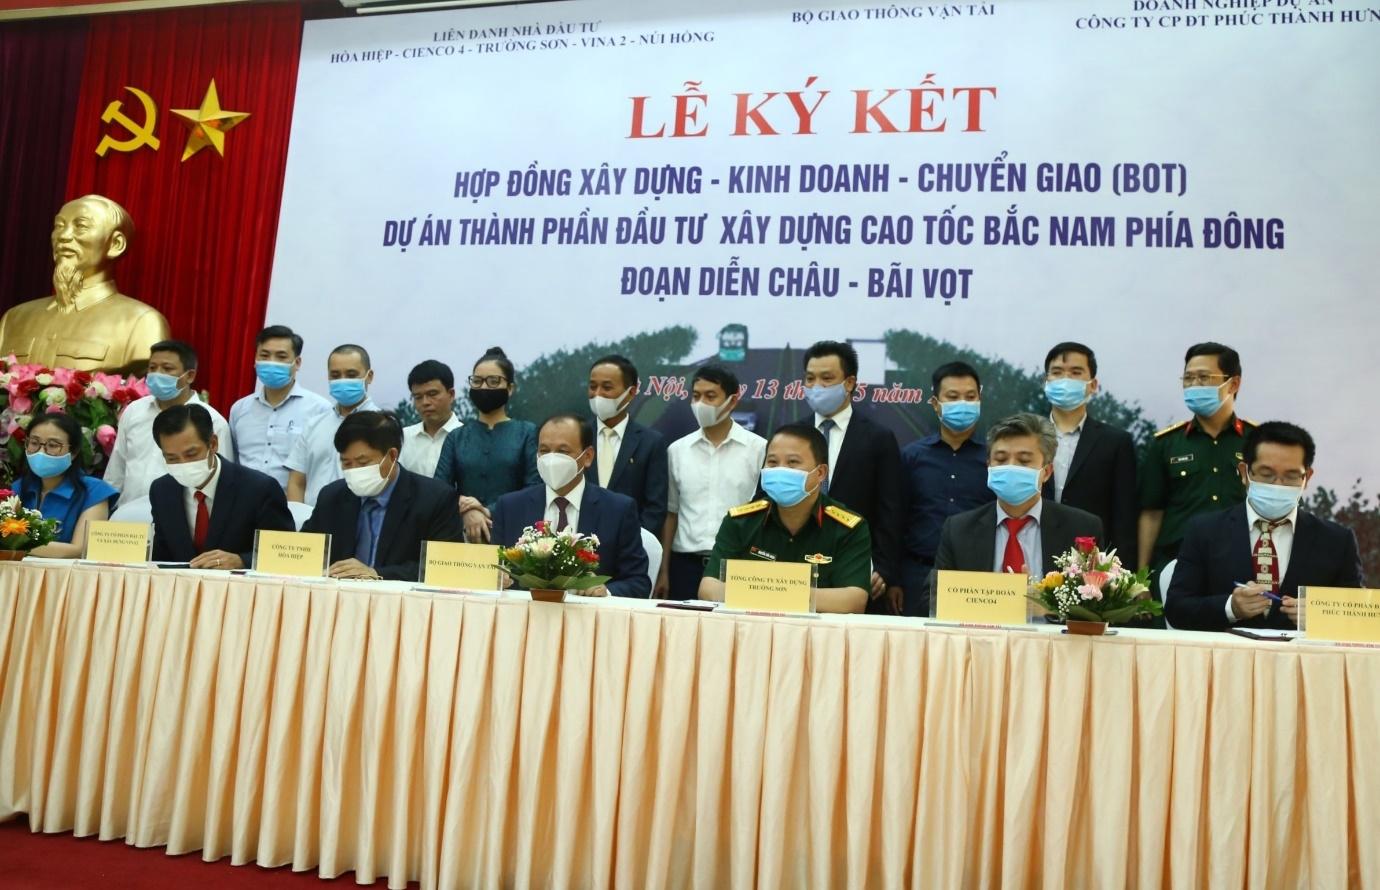 Ký hợp đồng BOT dự án thành phần cao tốc Bắc – Nam đoạn Diễn Châu - Bãi Vọt